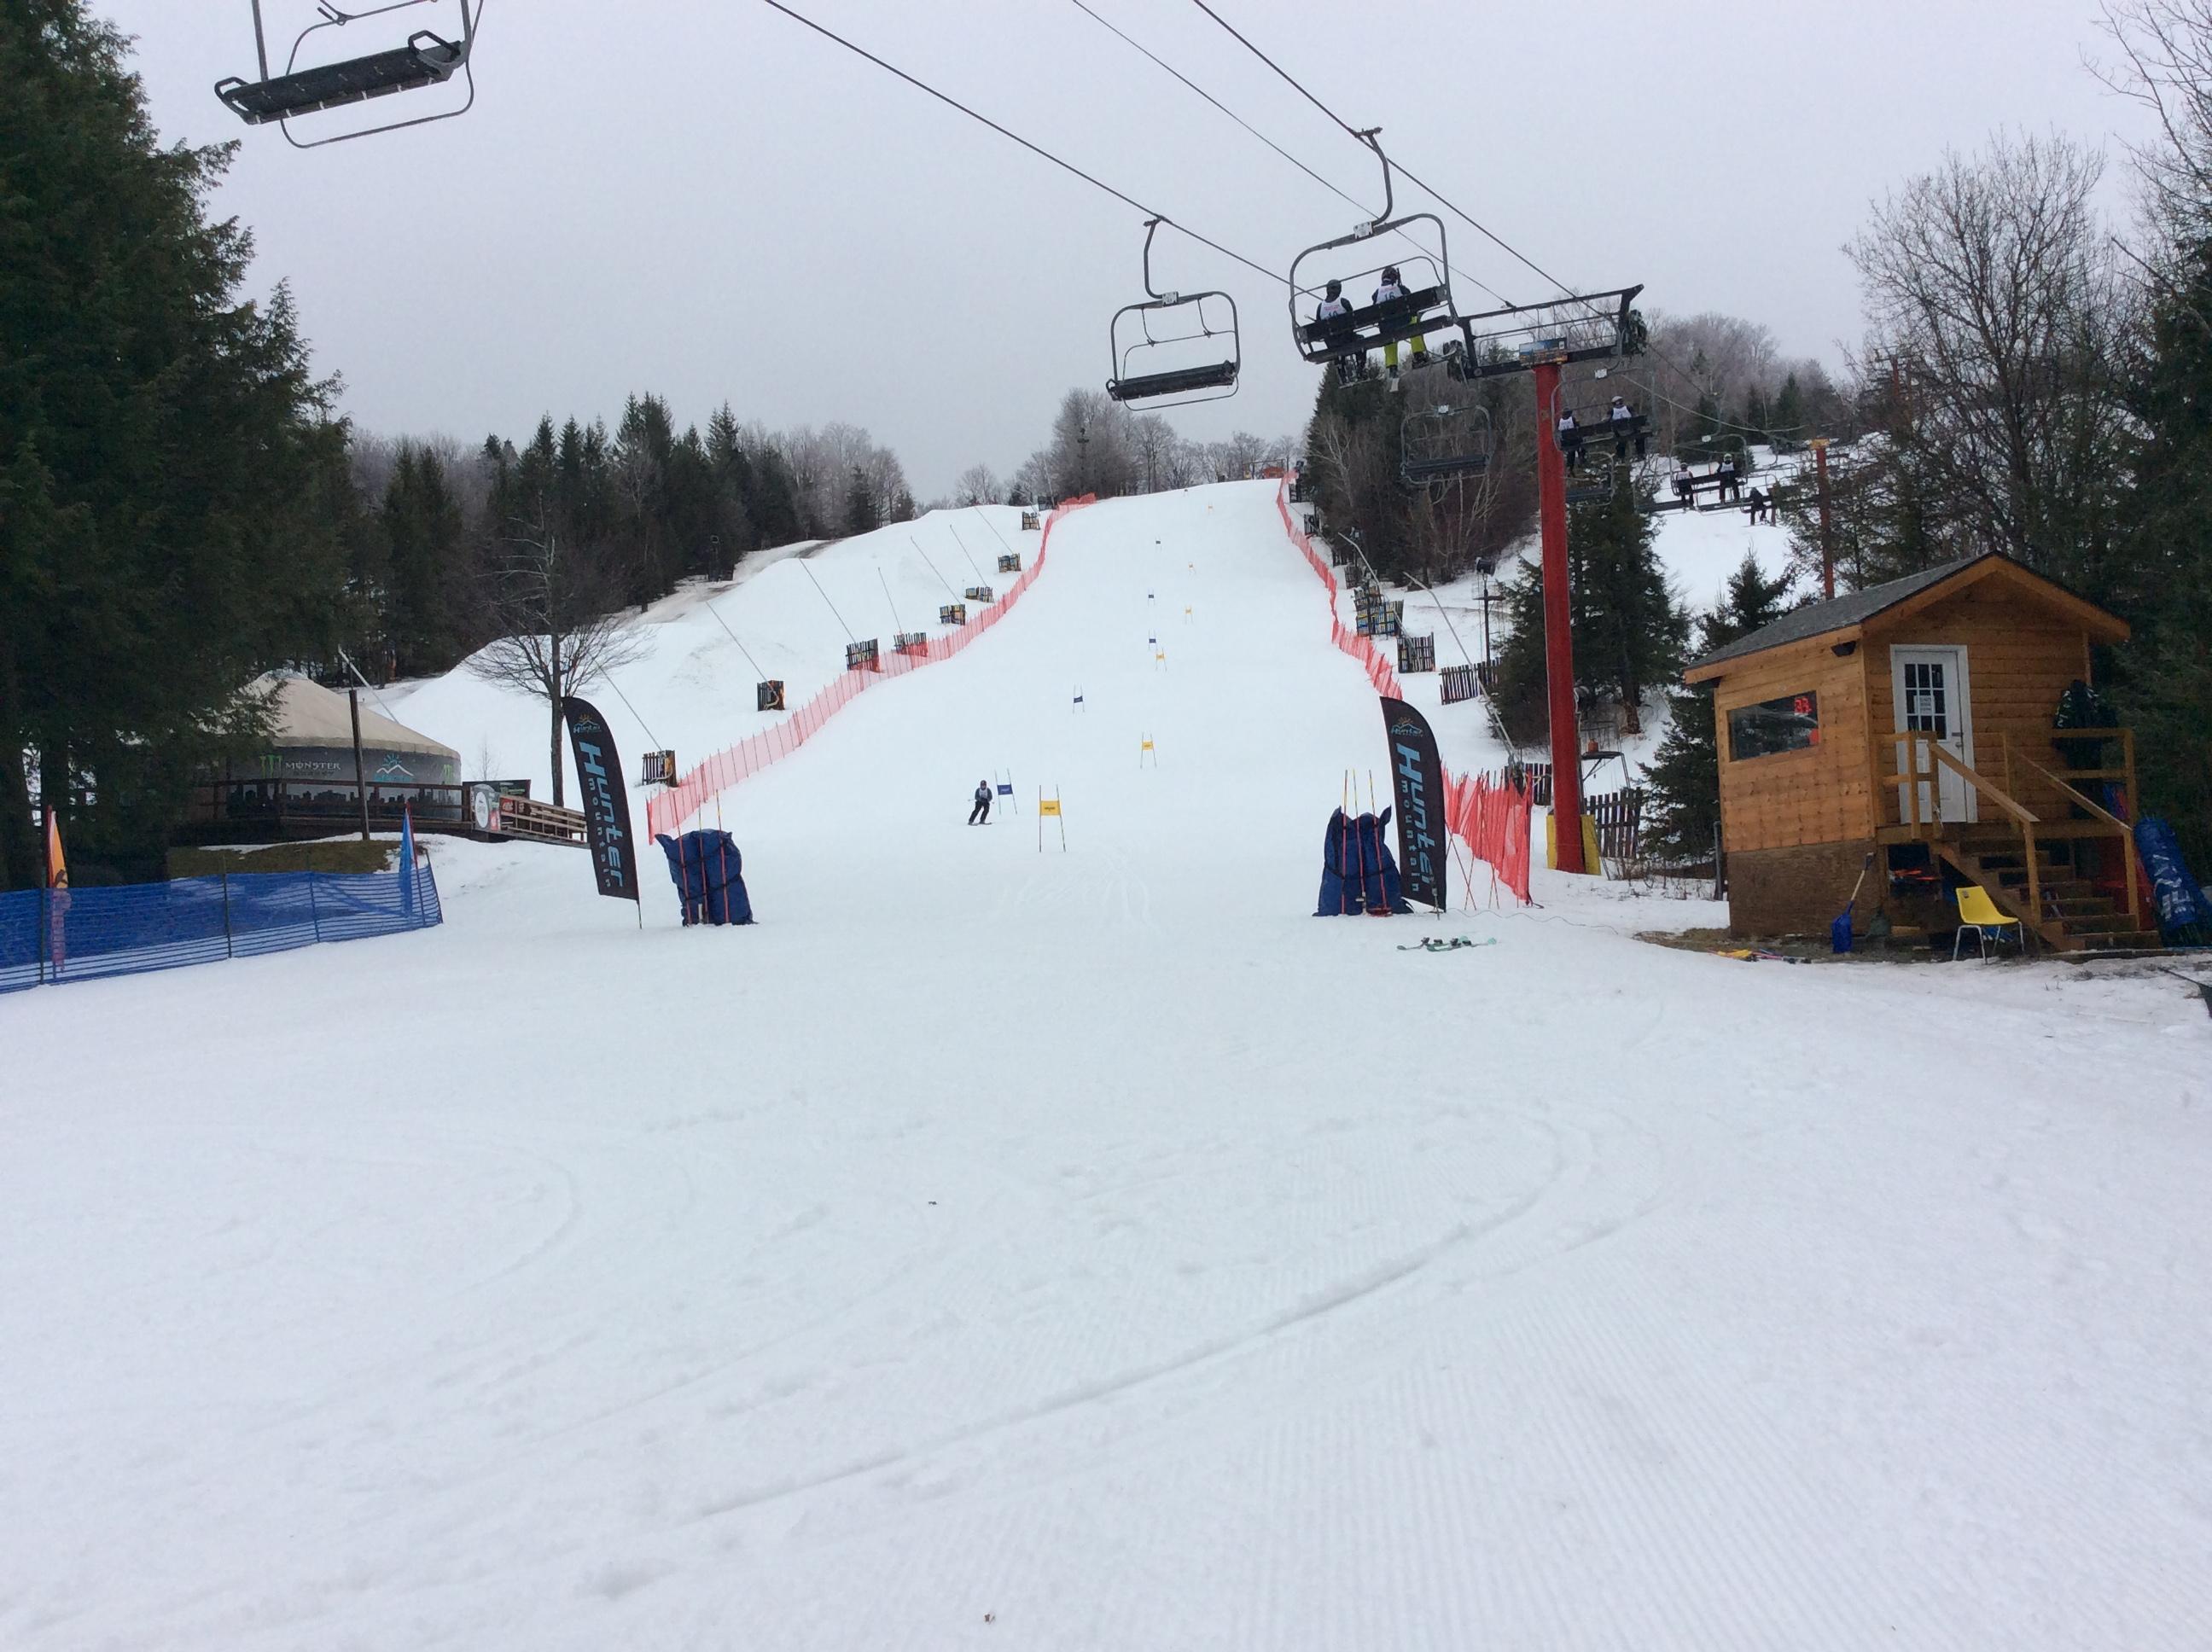 nypd-ski-club_31553675244_o